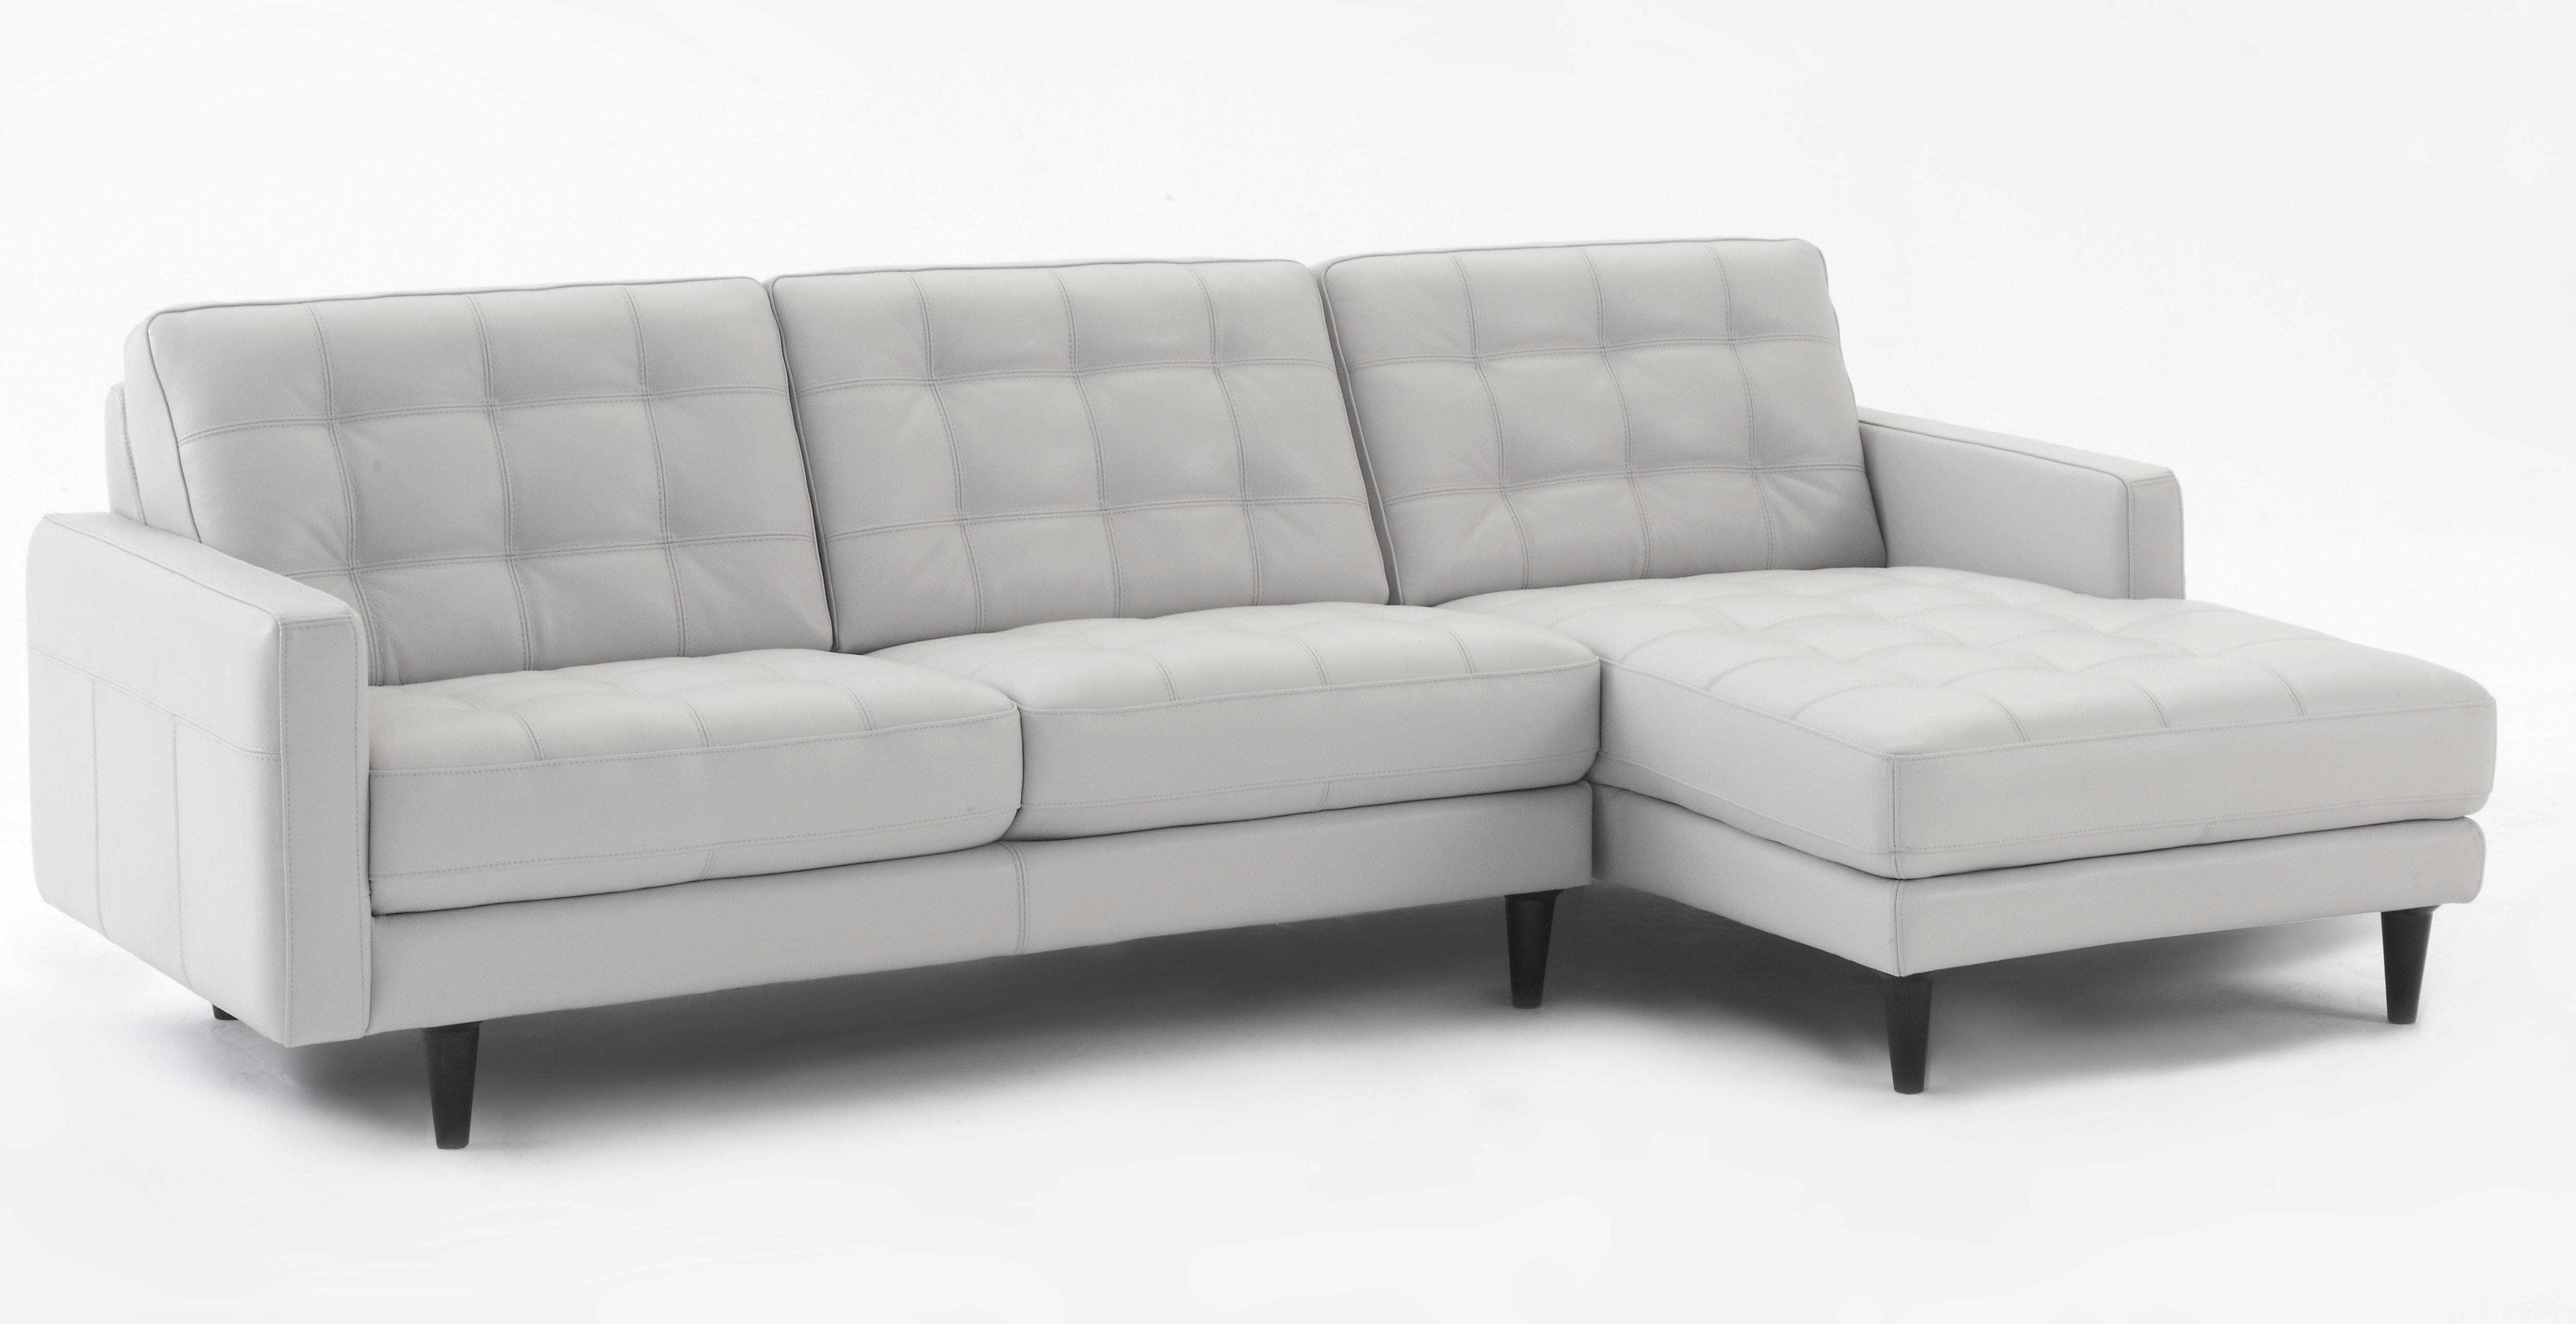 Chateau du0026#39;ax Living Room Italian leather tufted sofa U217 - Hamilton Sofa u0026 Leather Gallery ...